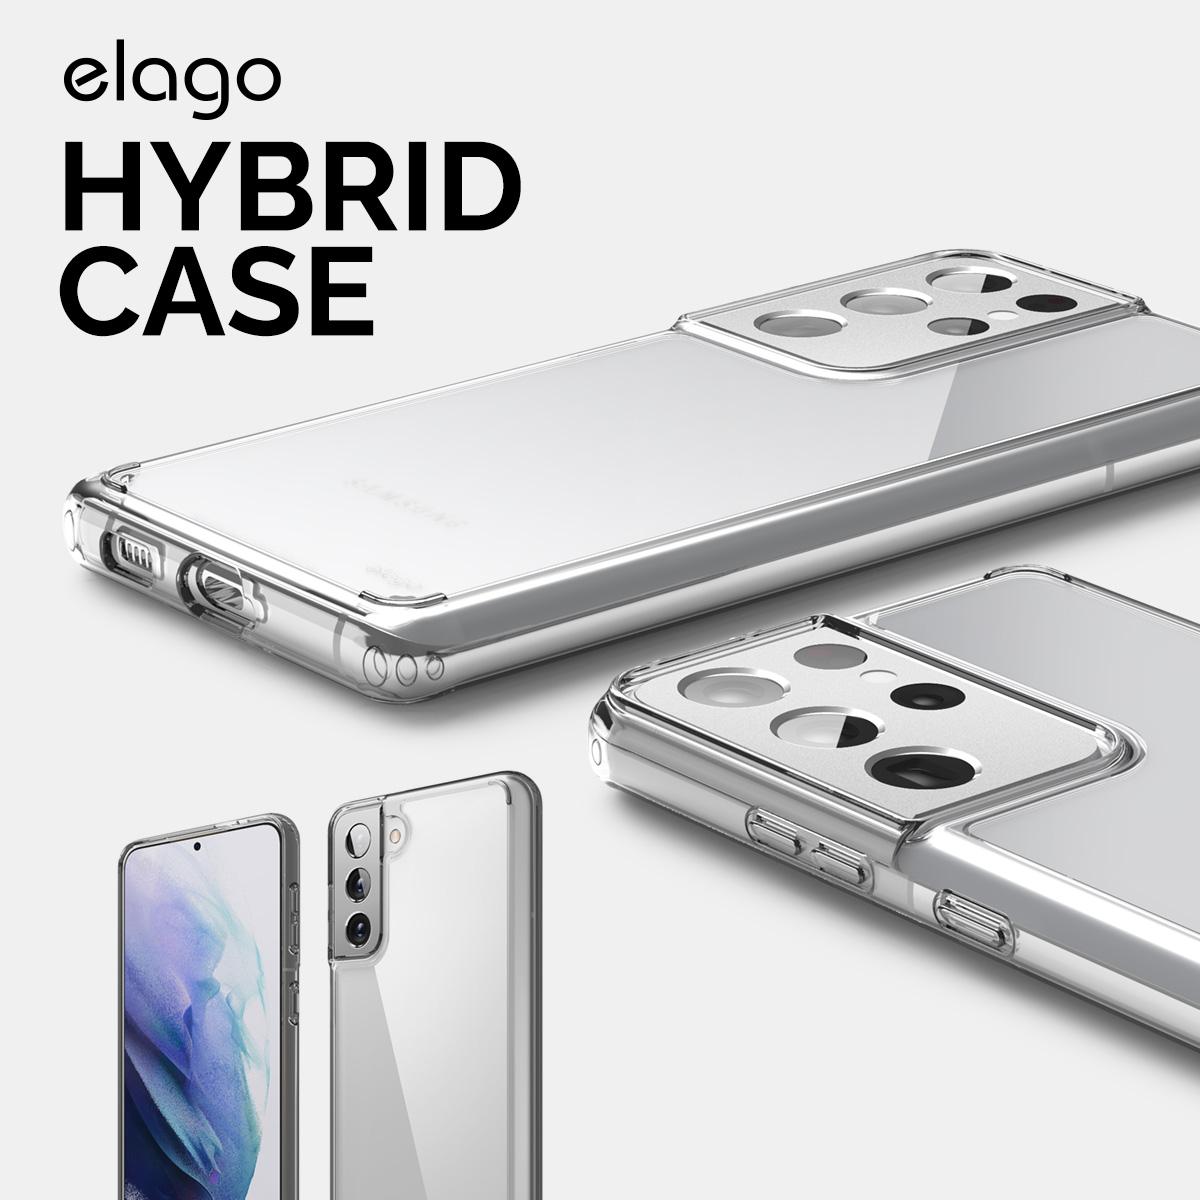 elago HYBRID CASE for Galaxy S21+